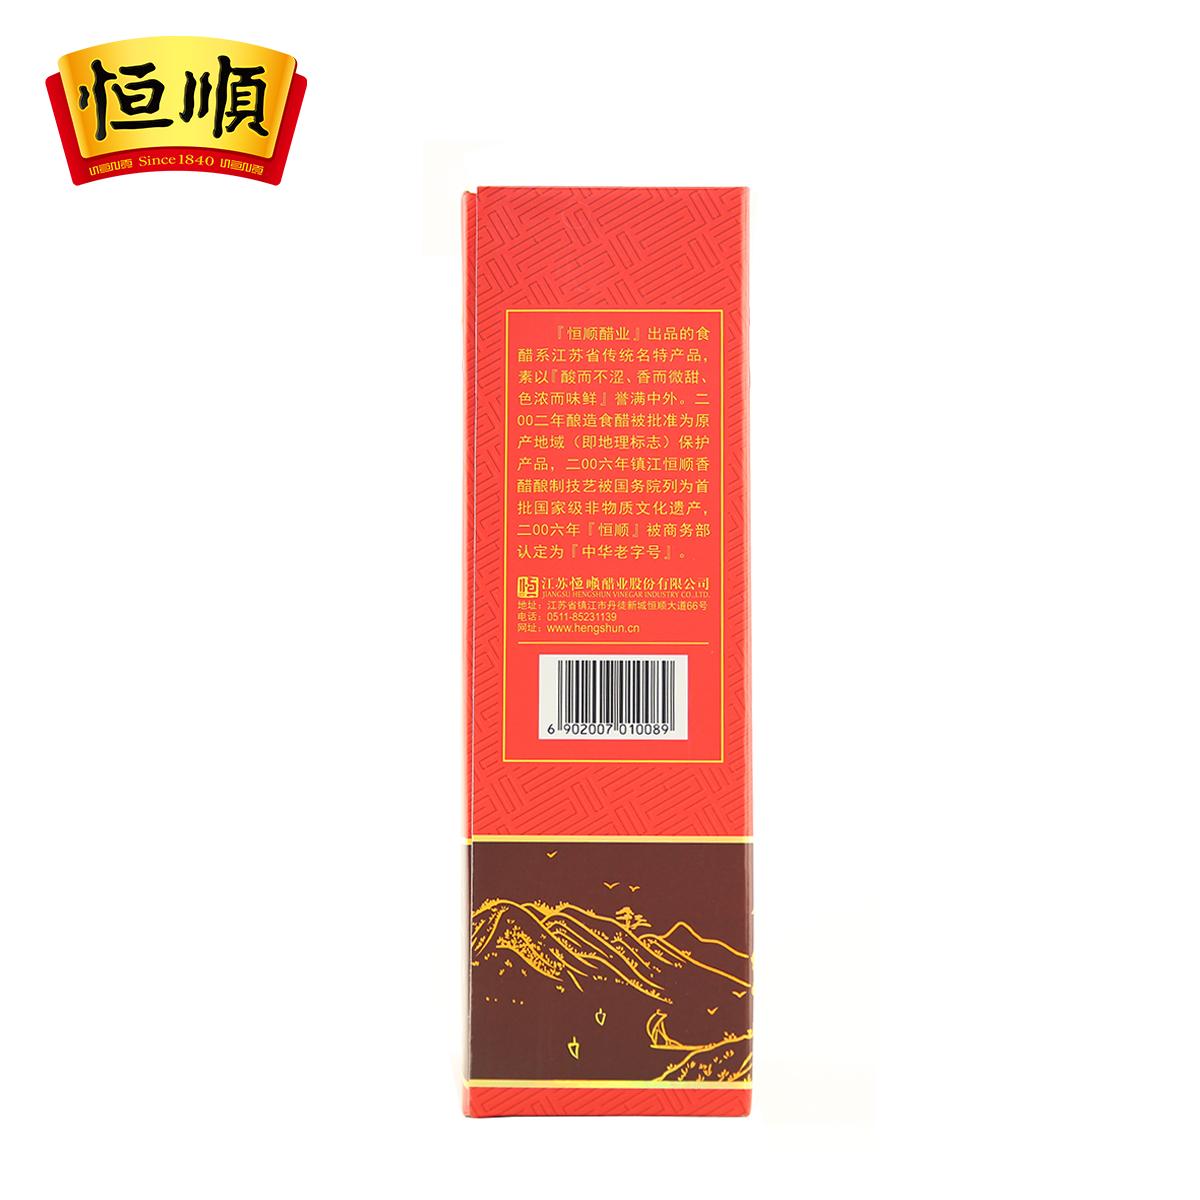 恒顺香醋550ml*2瓶 大红礼盒礼品 镇江特产醋礼盒装 粮食酿造香醋